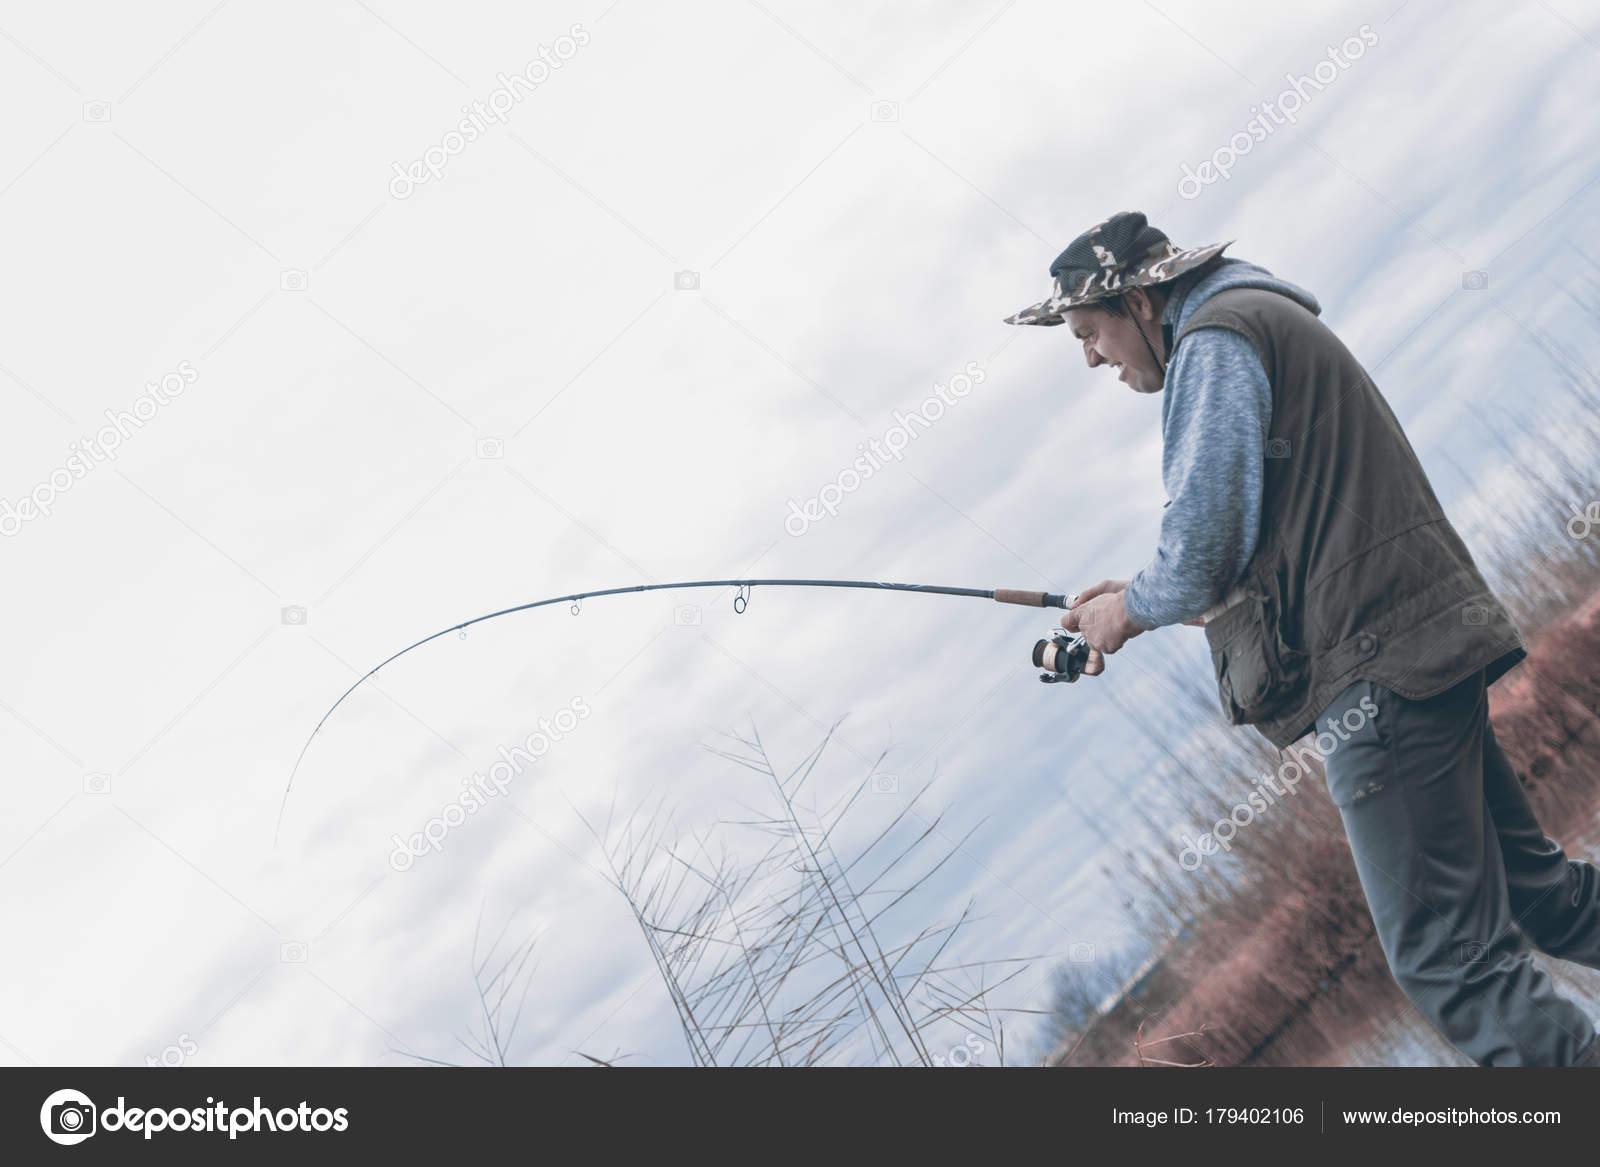 Eylül ayında balık tutmak, balık tutmak için en uygun zaman